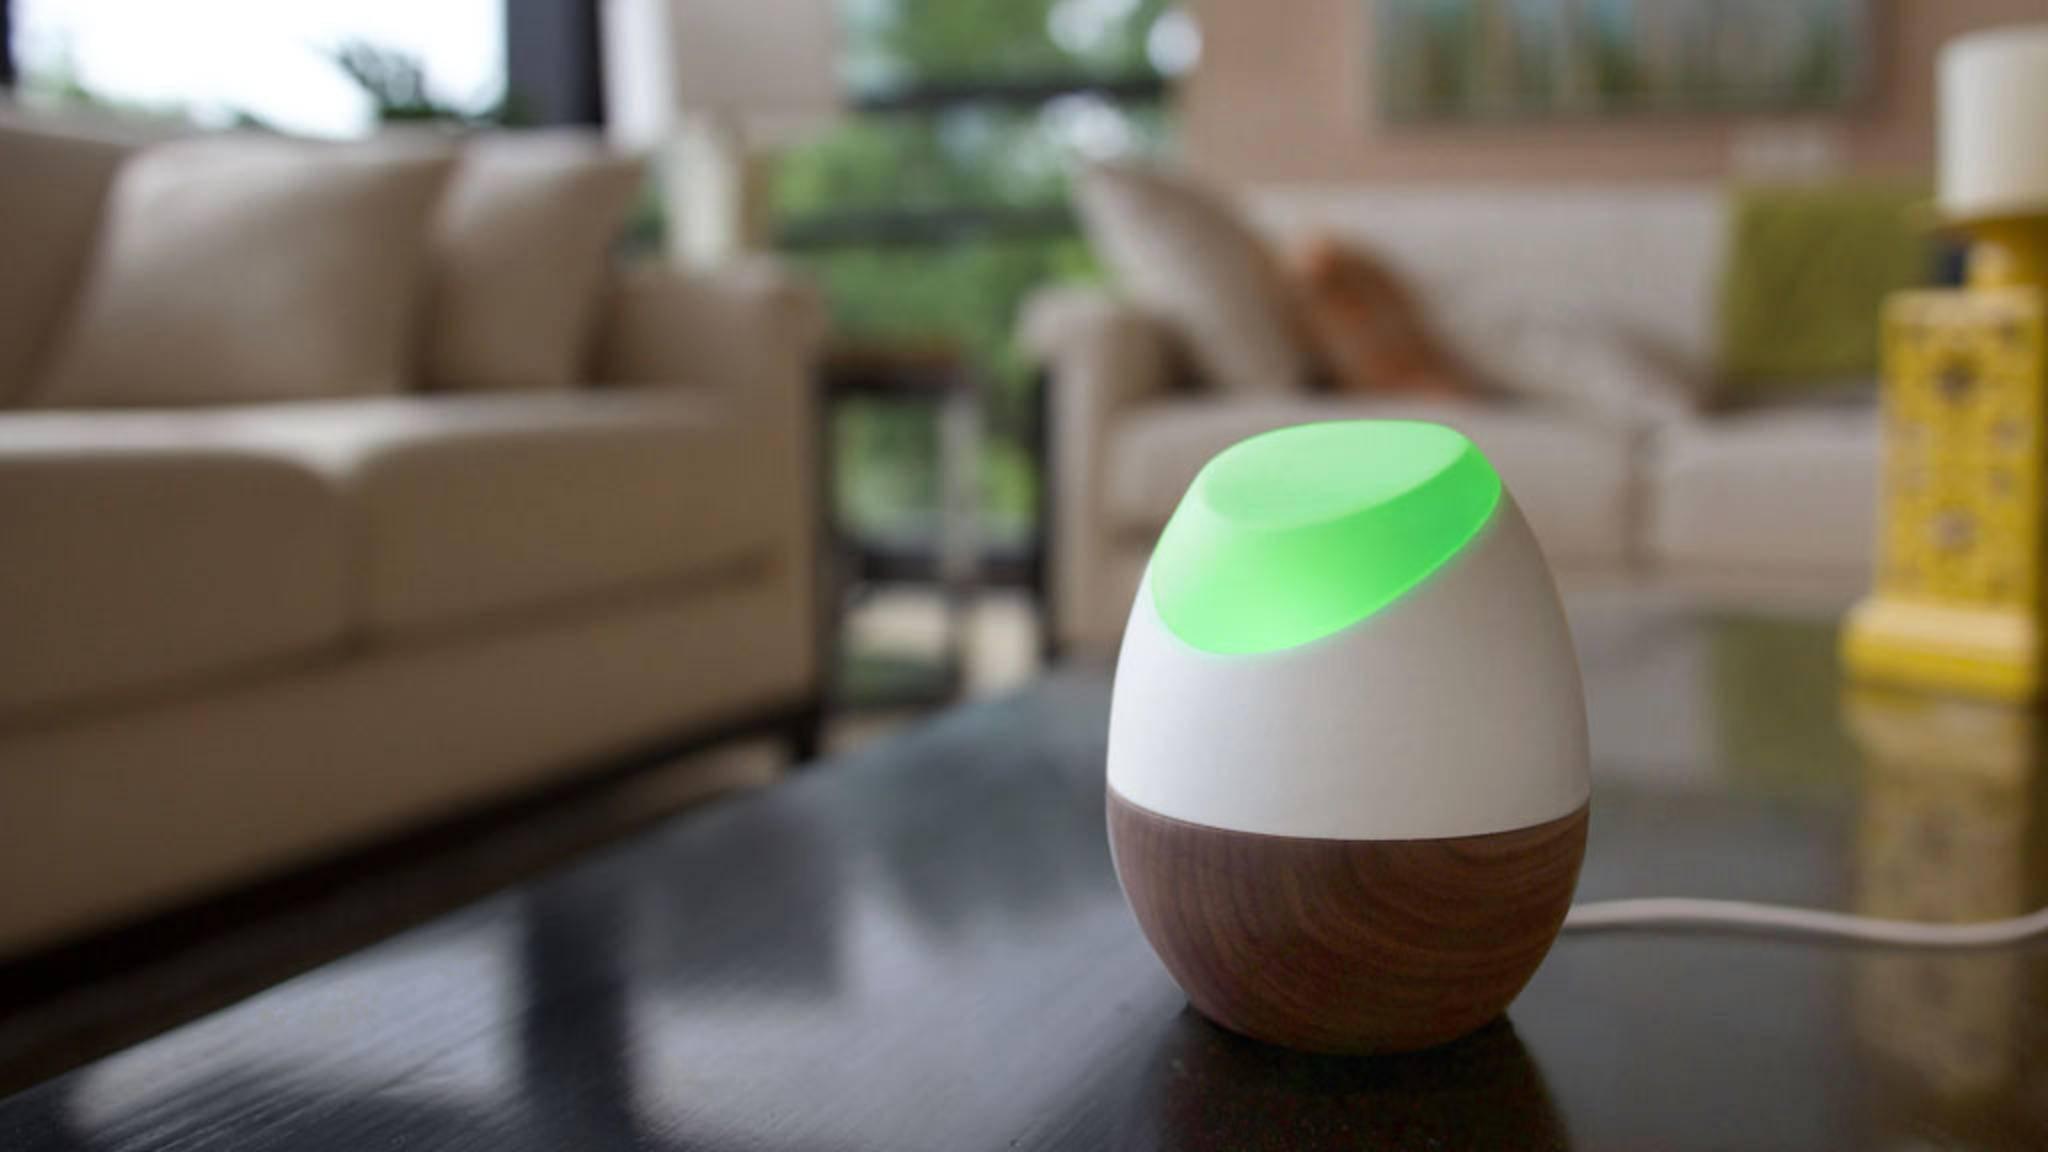 Alles im grünen Bereich: Glow soll helfen den Stromverbrauch zu senken – zu Gunsten des Geldbeutels und der Umwelt.